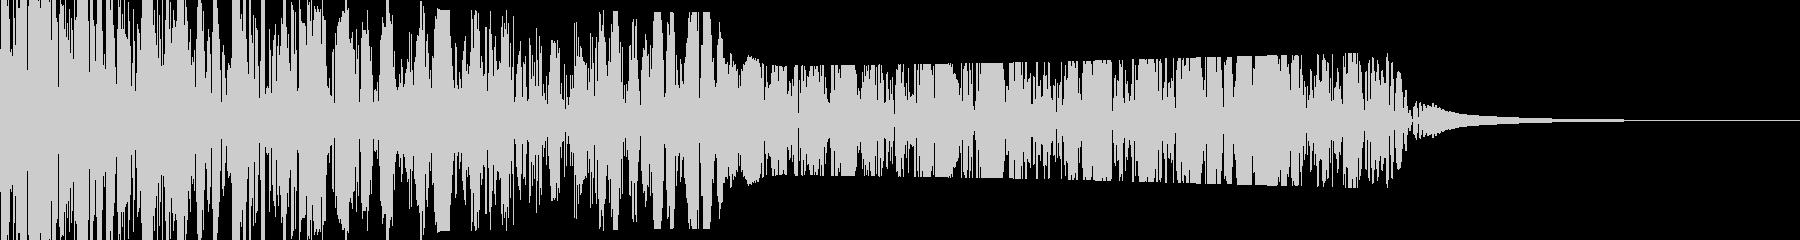 ズバッと斬る_01(刀・刺す・斬撃系)の未再生の波形